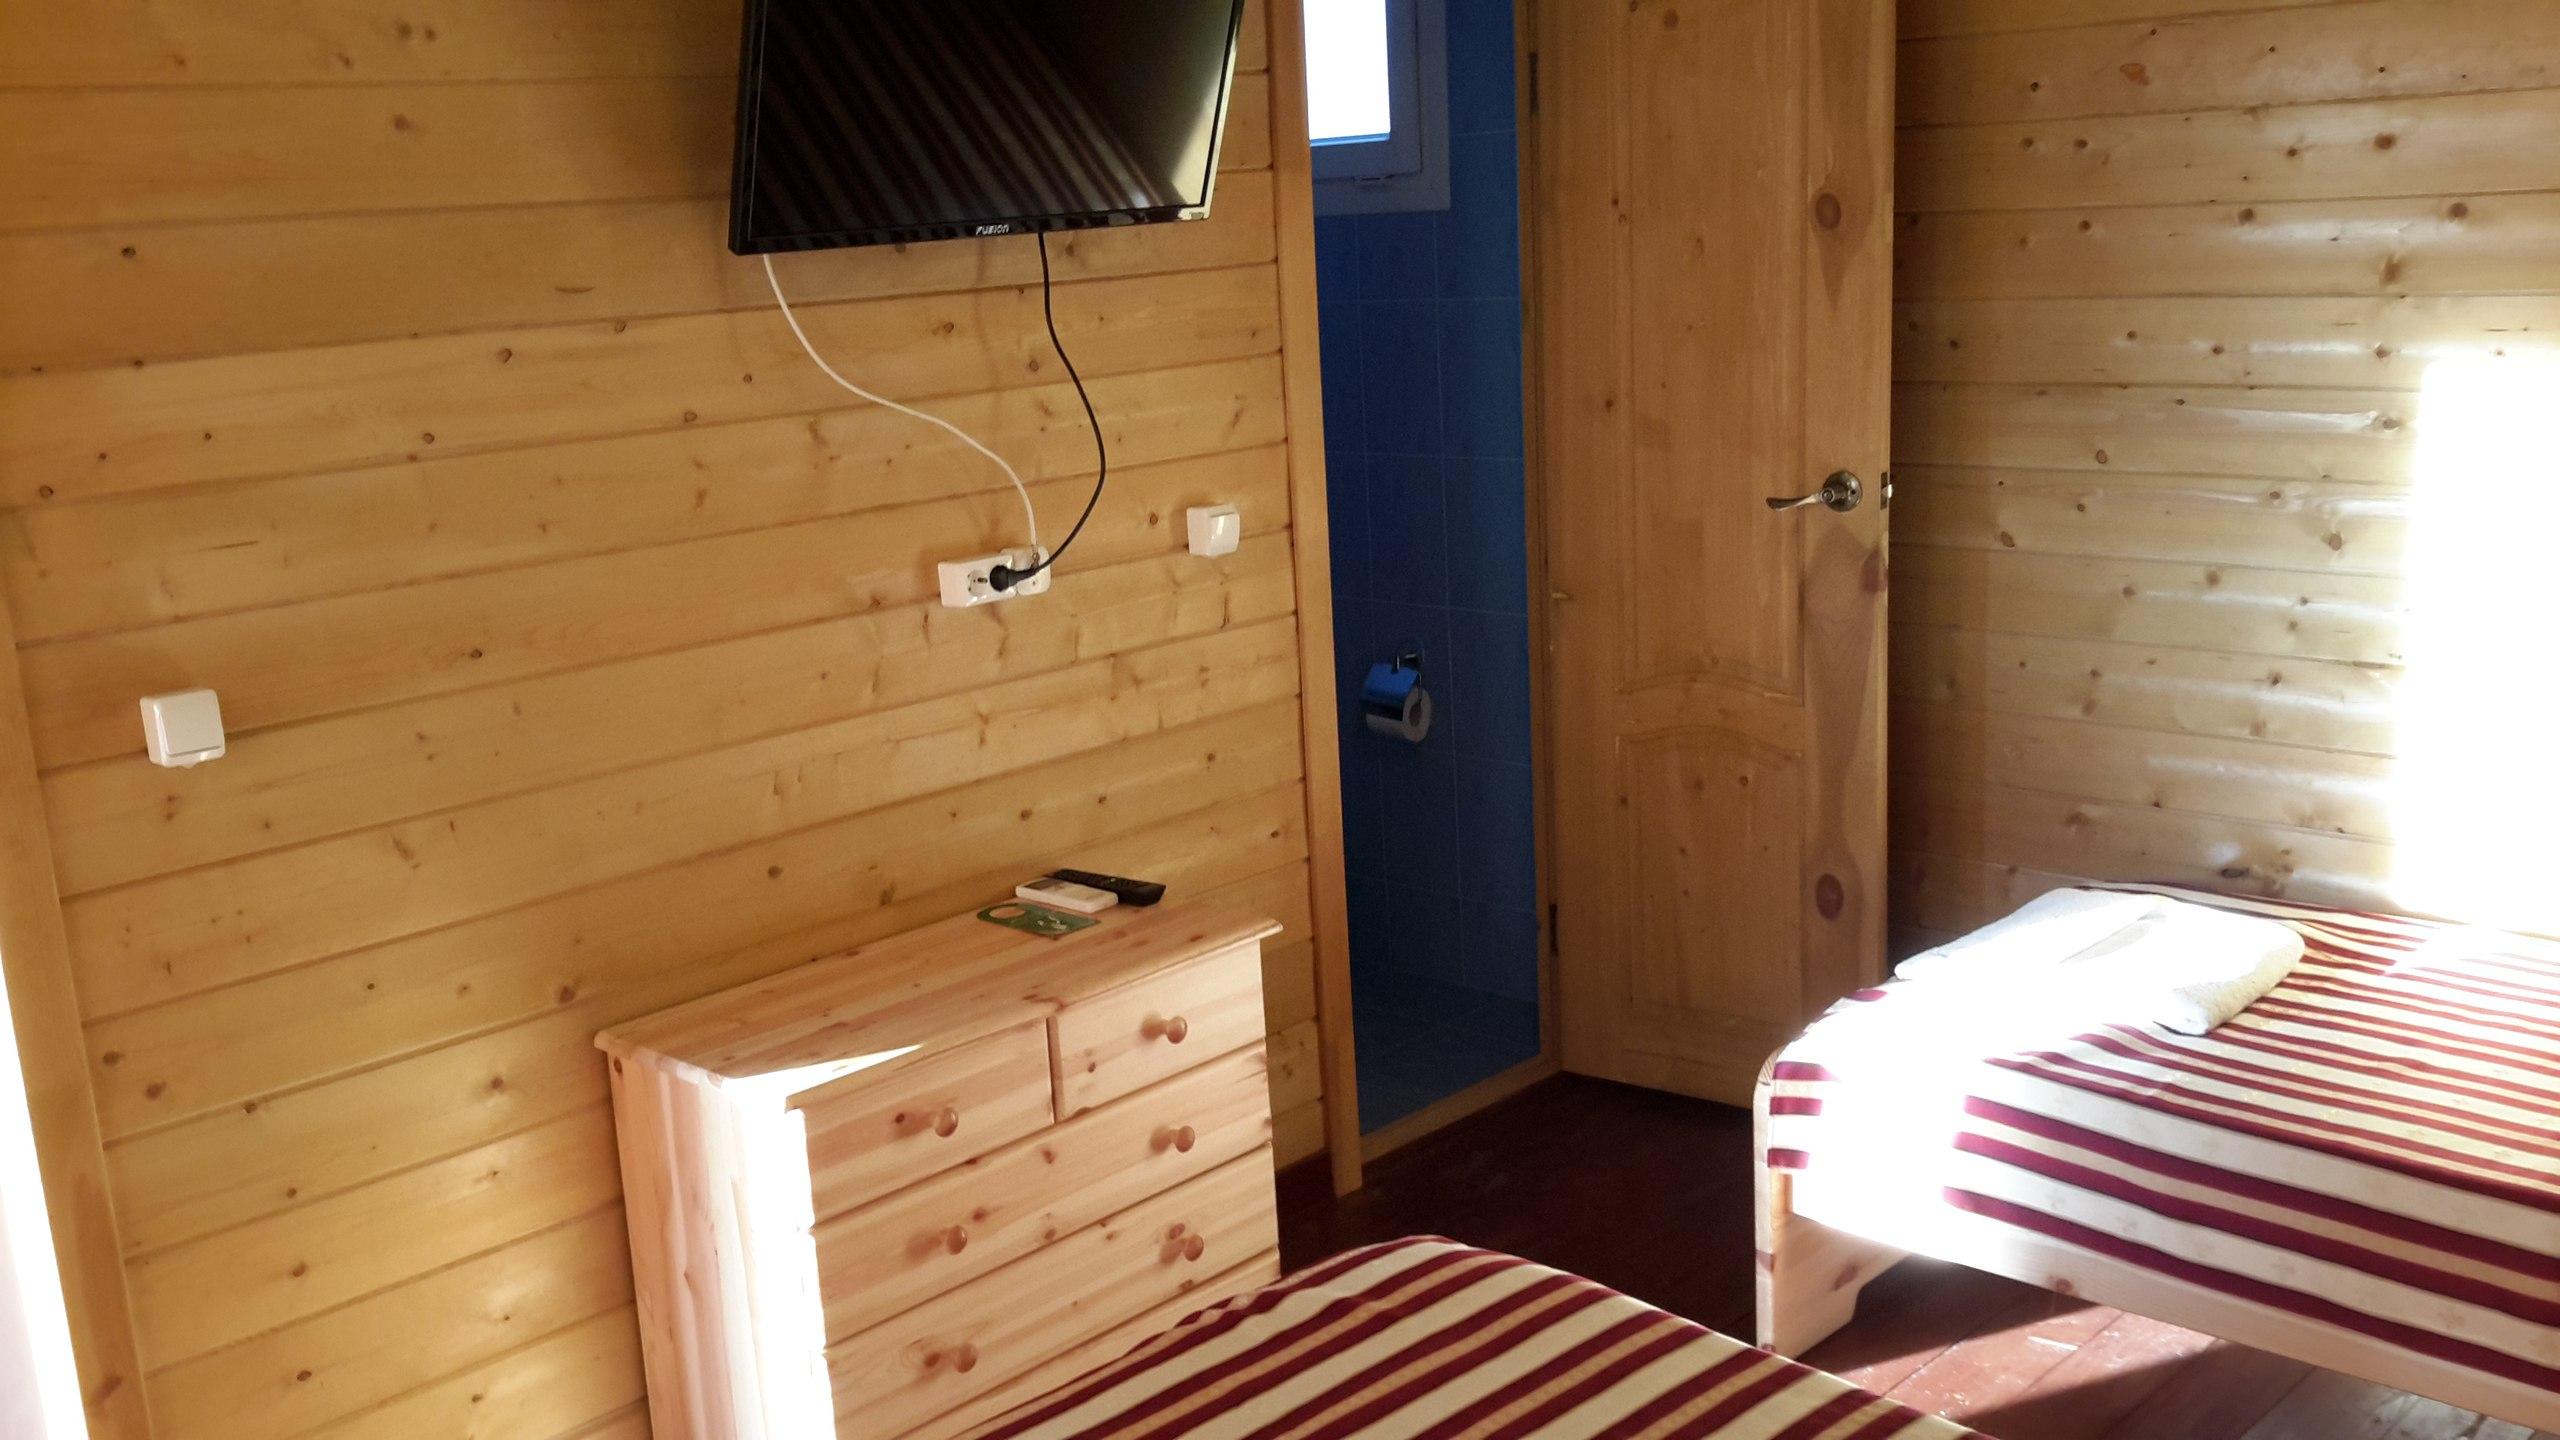 Стандарт 2-местный 1-комнатный (в 1-этажном коттедже)